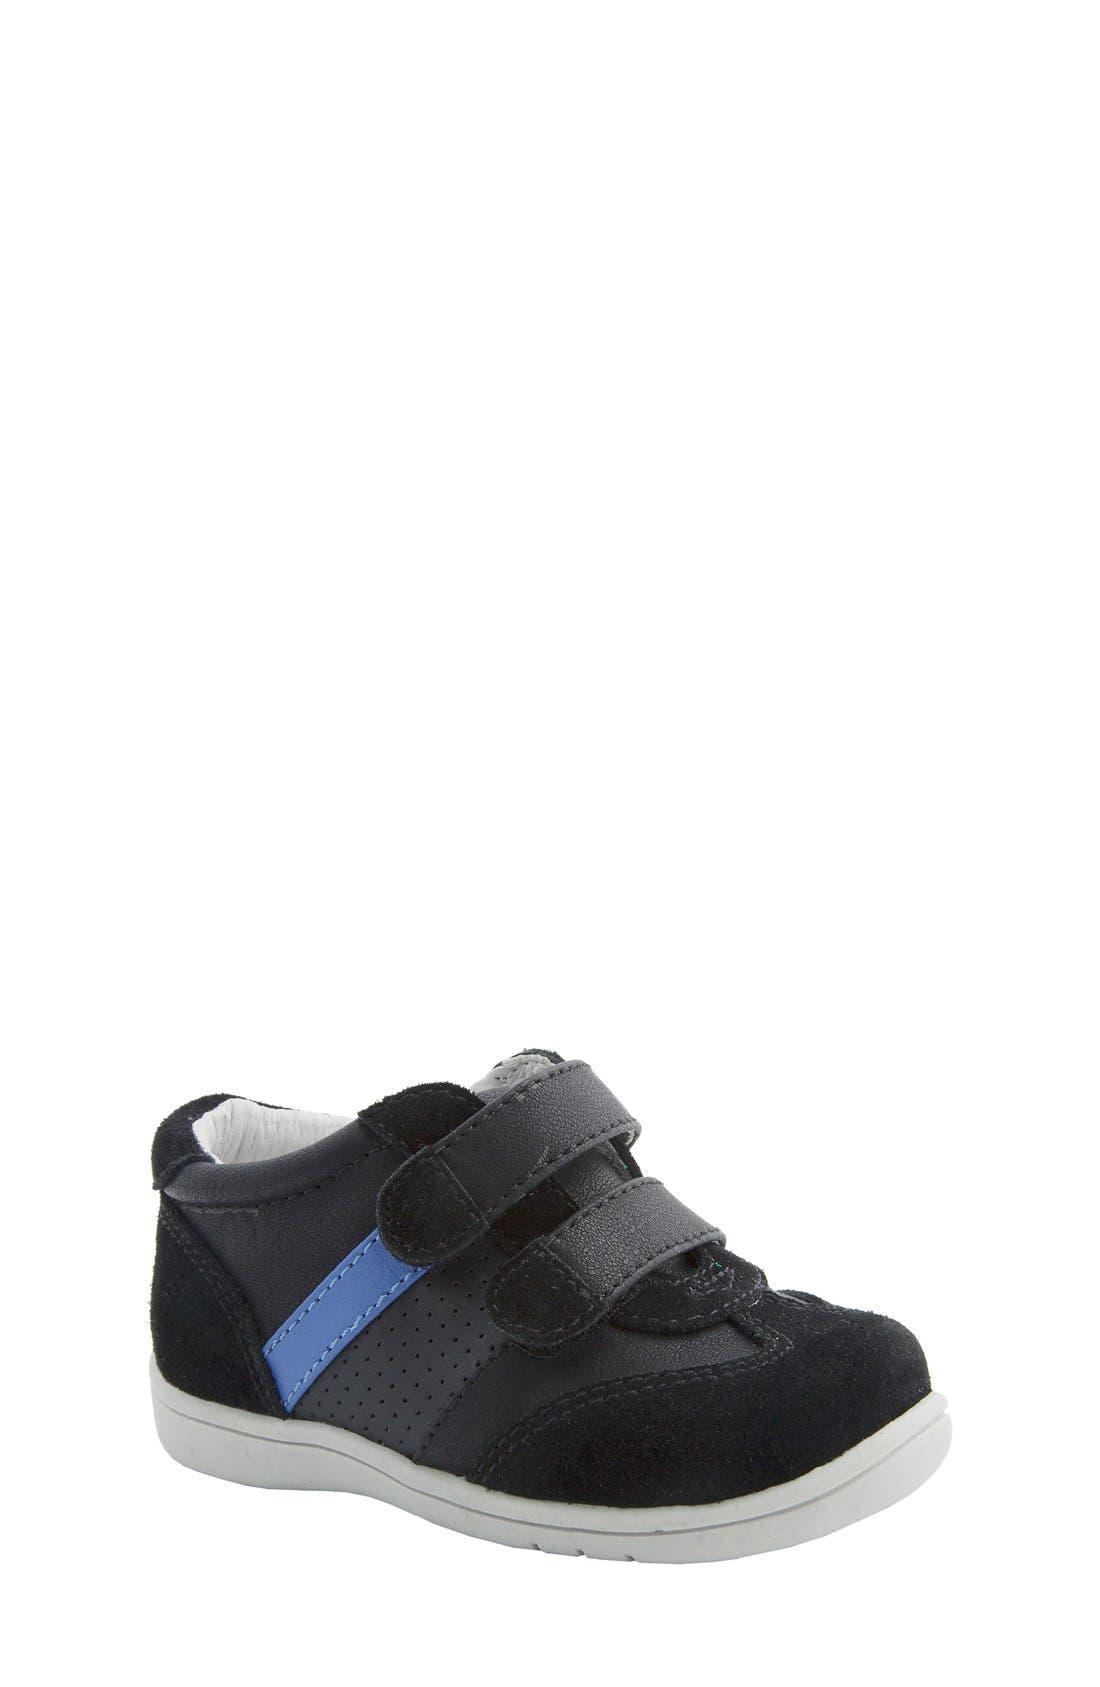 Nina 'Everest' Sneaker,                         Main,                         color, Black Burnished